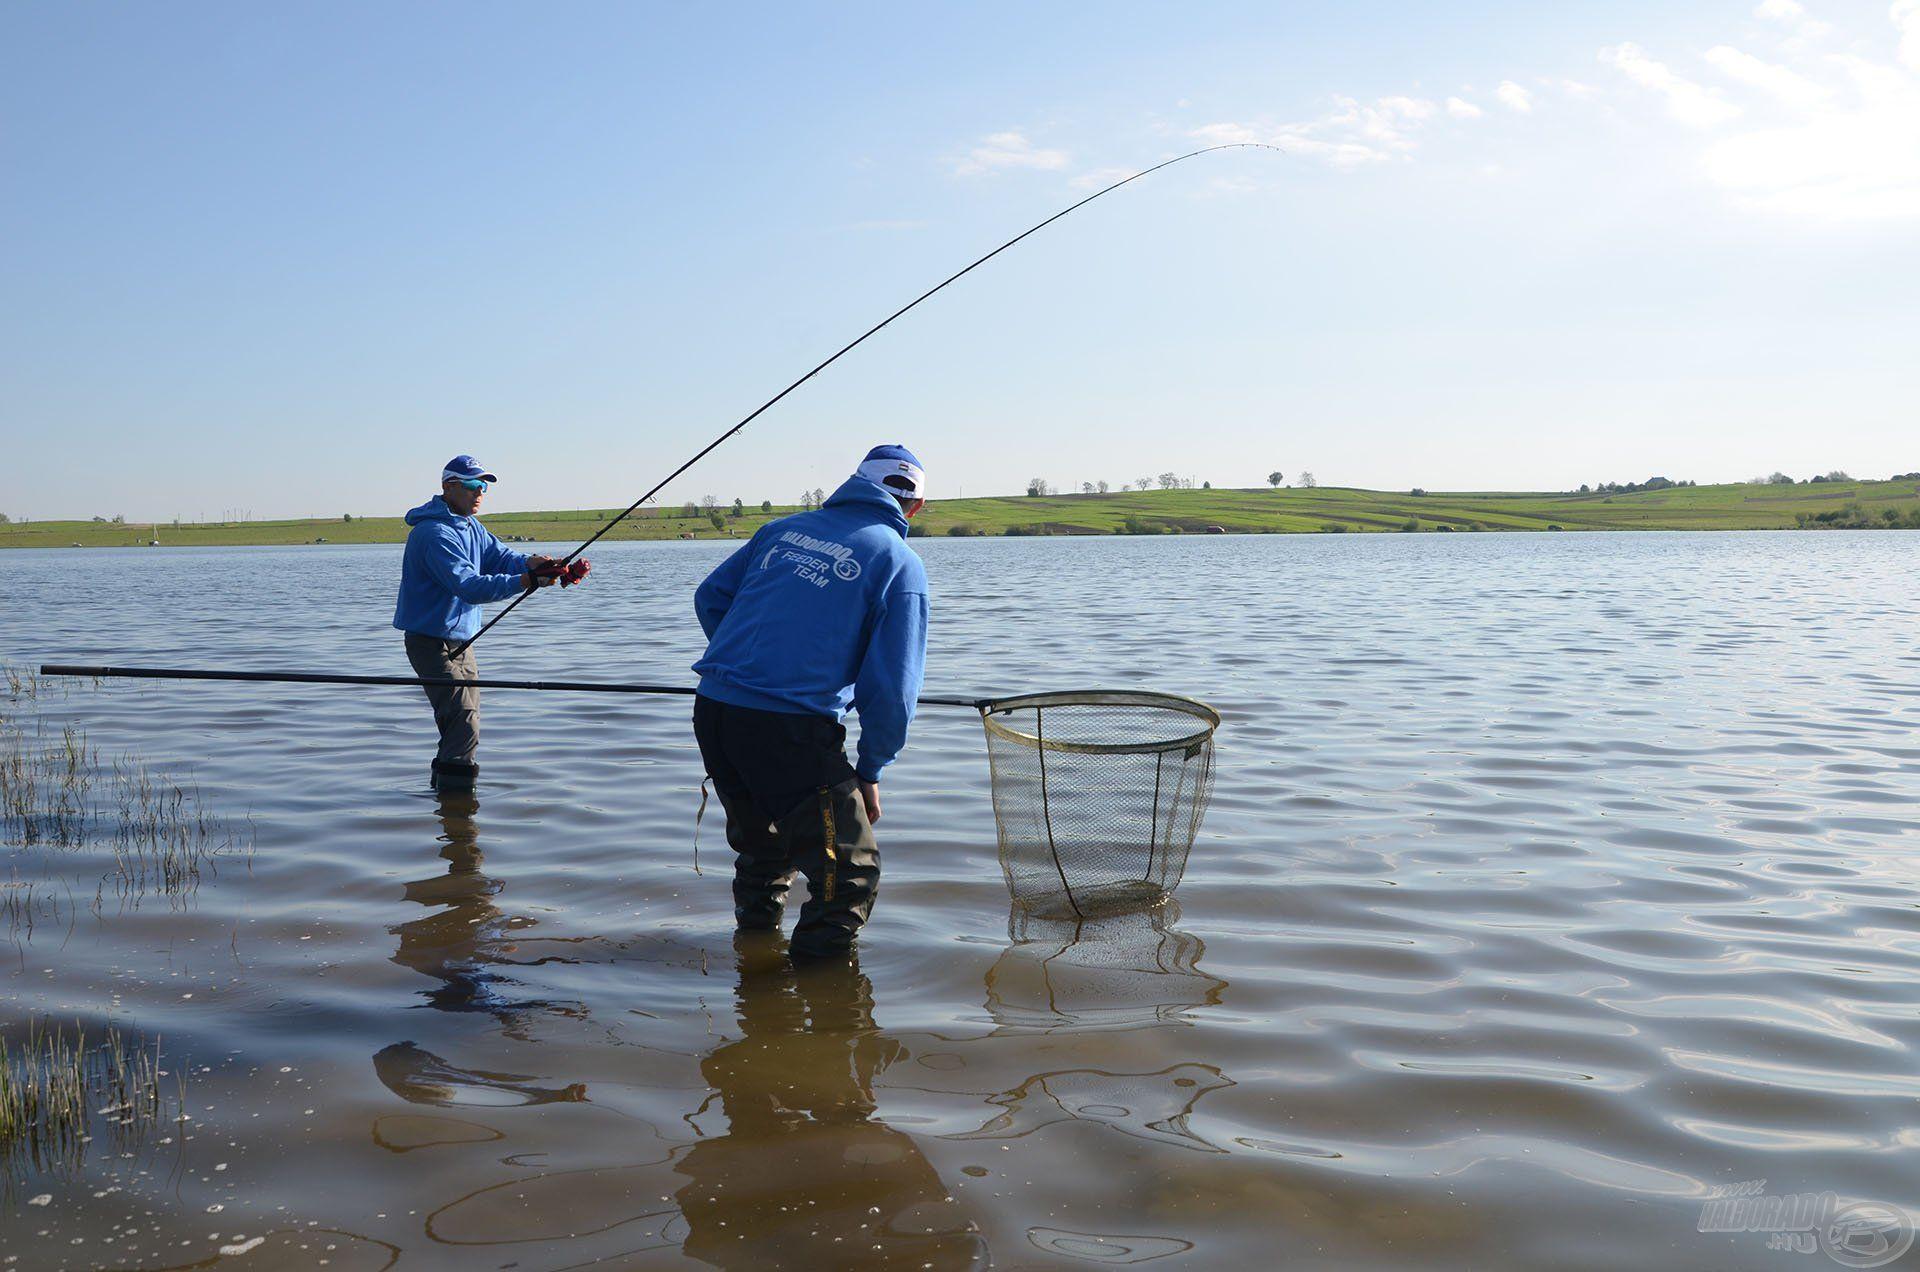 Ennek fele sem tréfa, gyerünk a hal után!